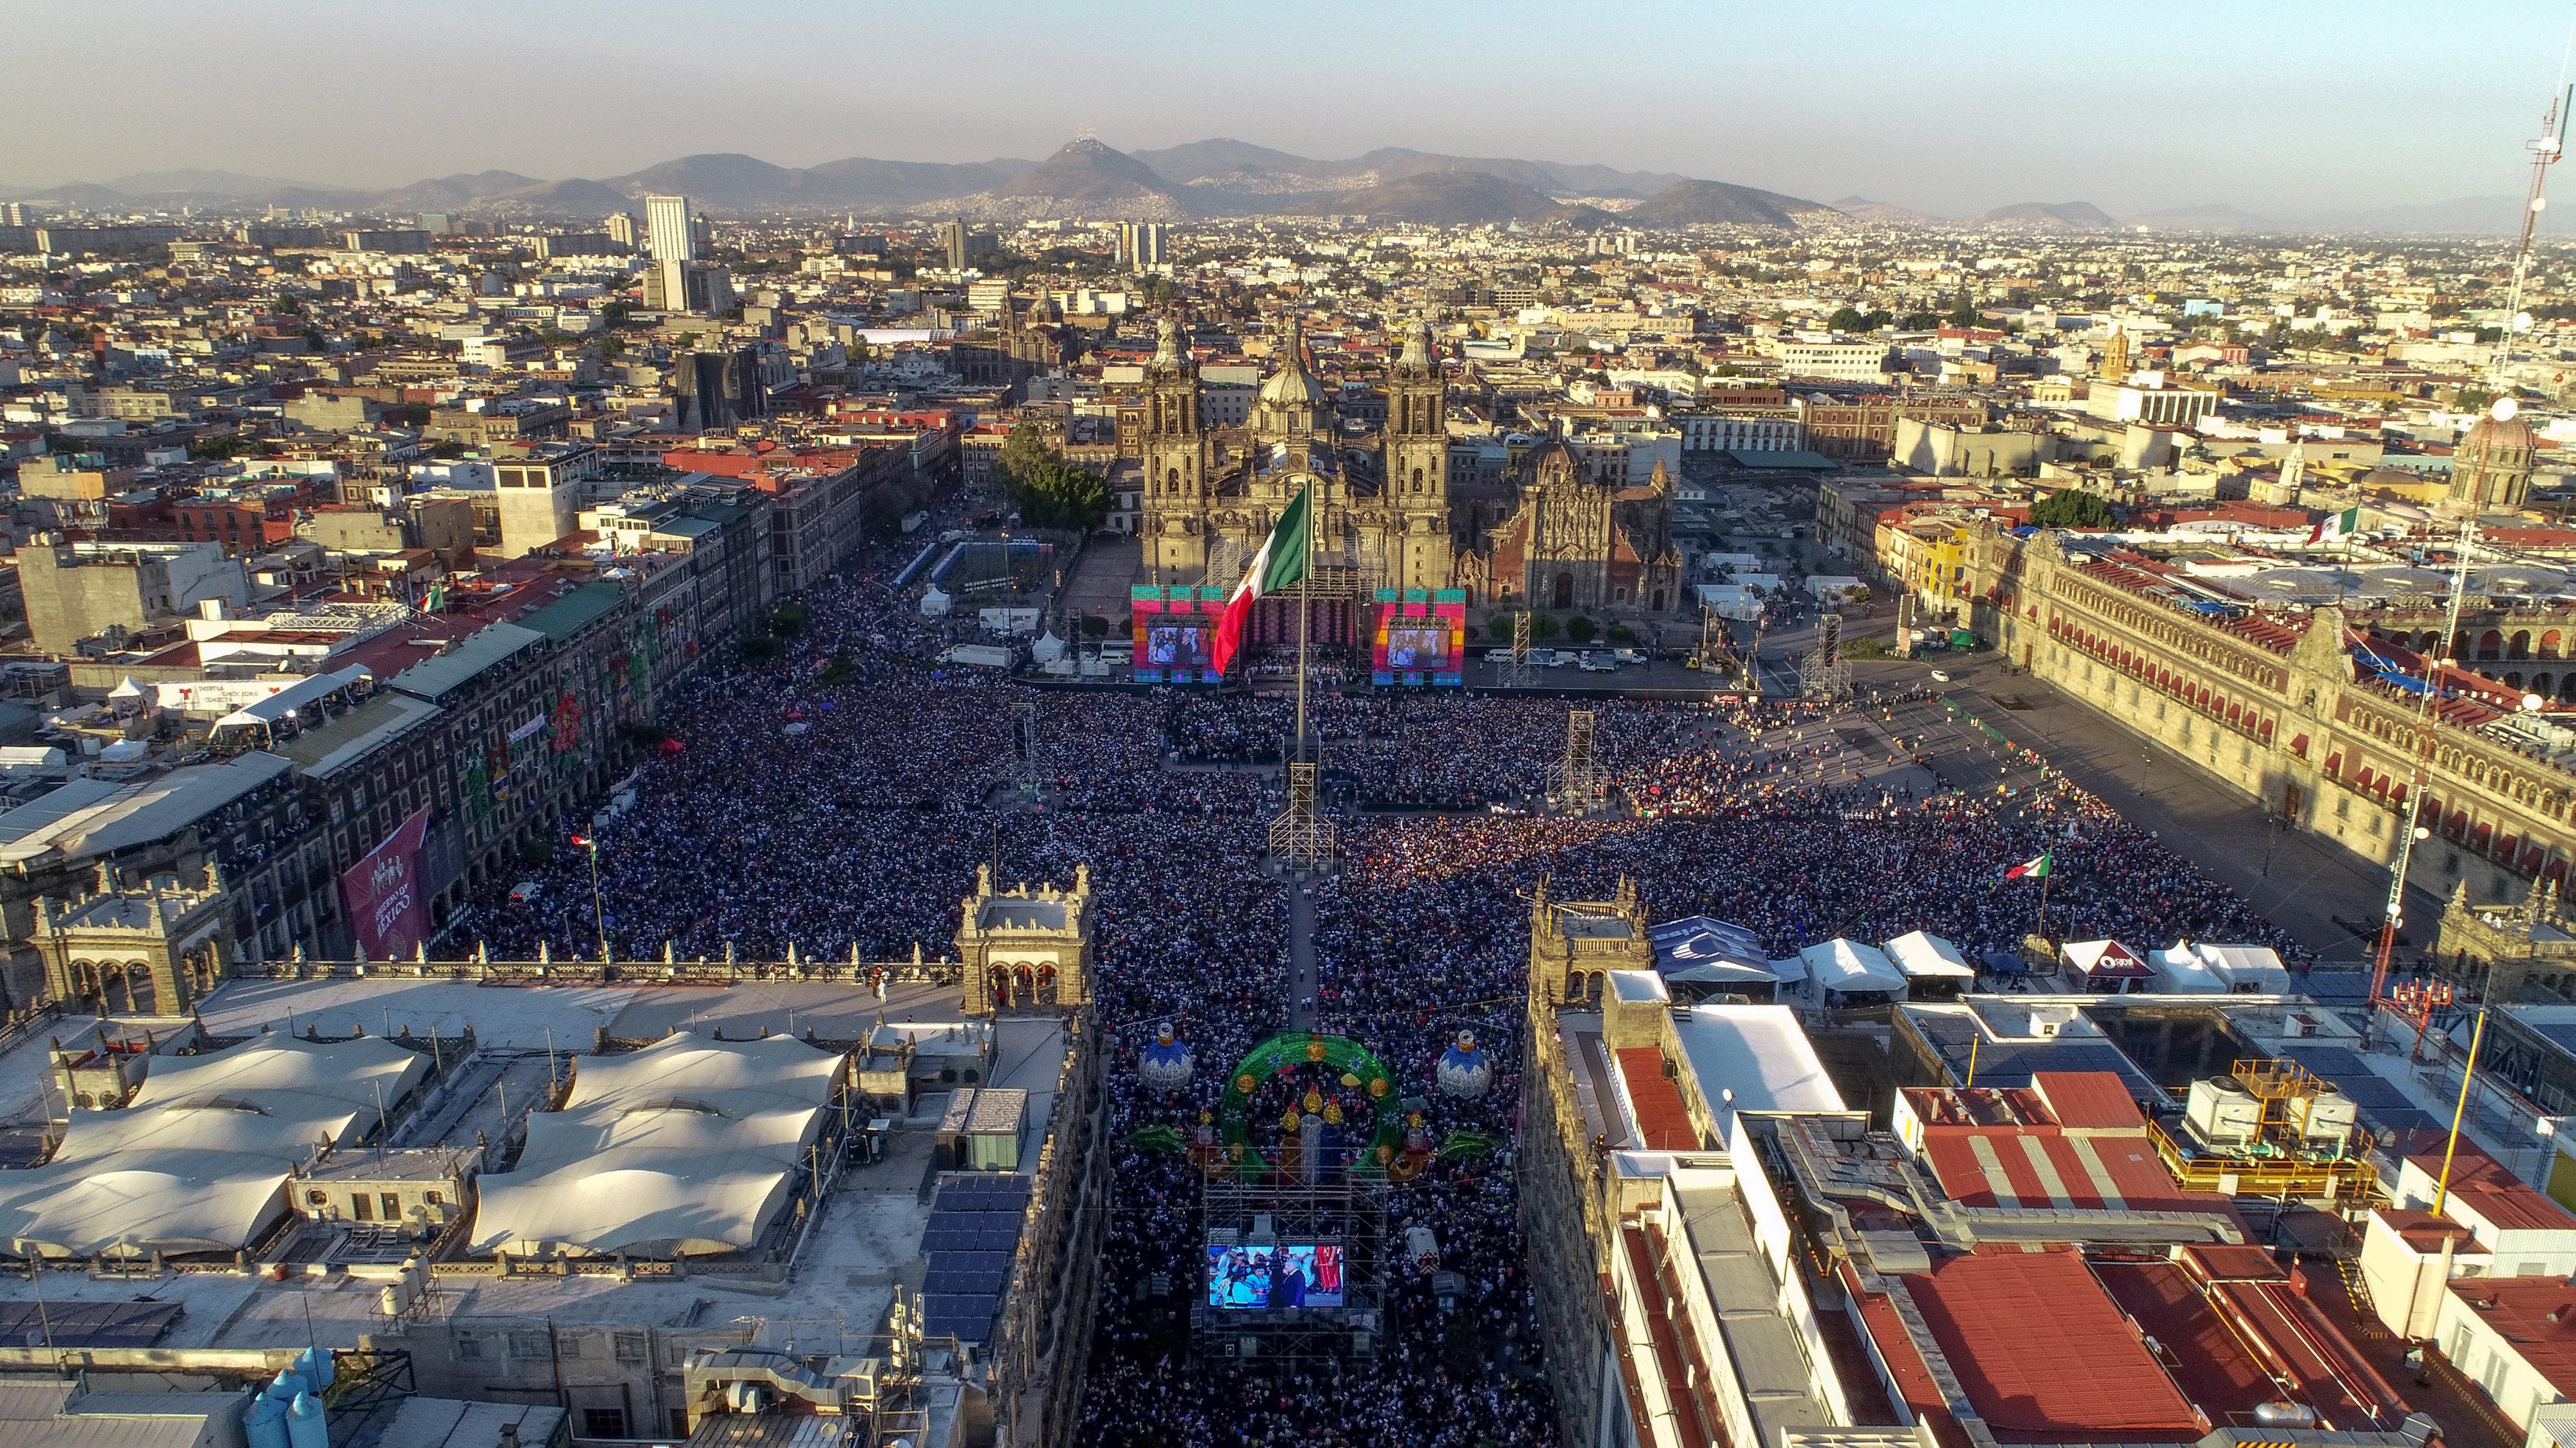 La gente asiste a la toma de posesión de Andrés Manuel López Obrador como presidente de México